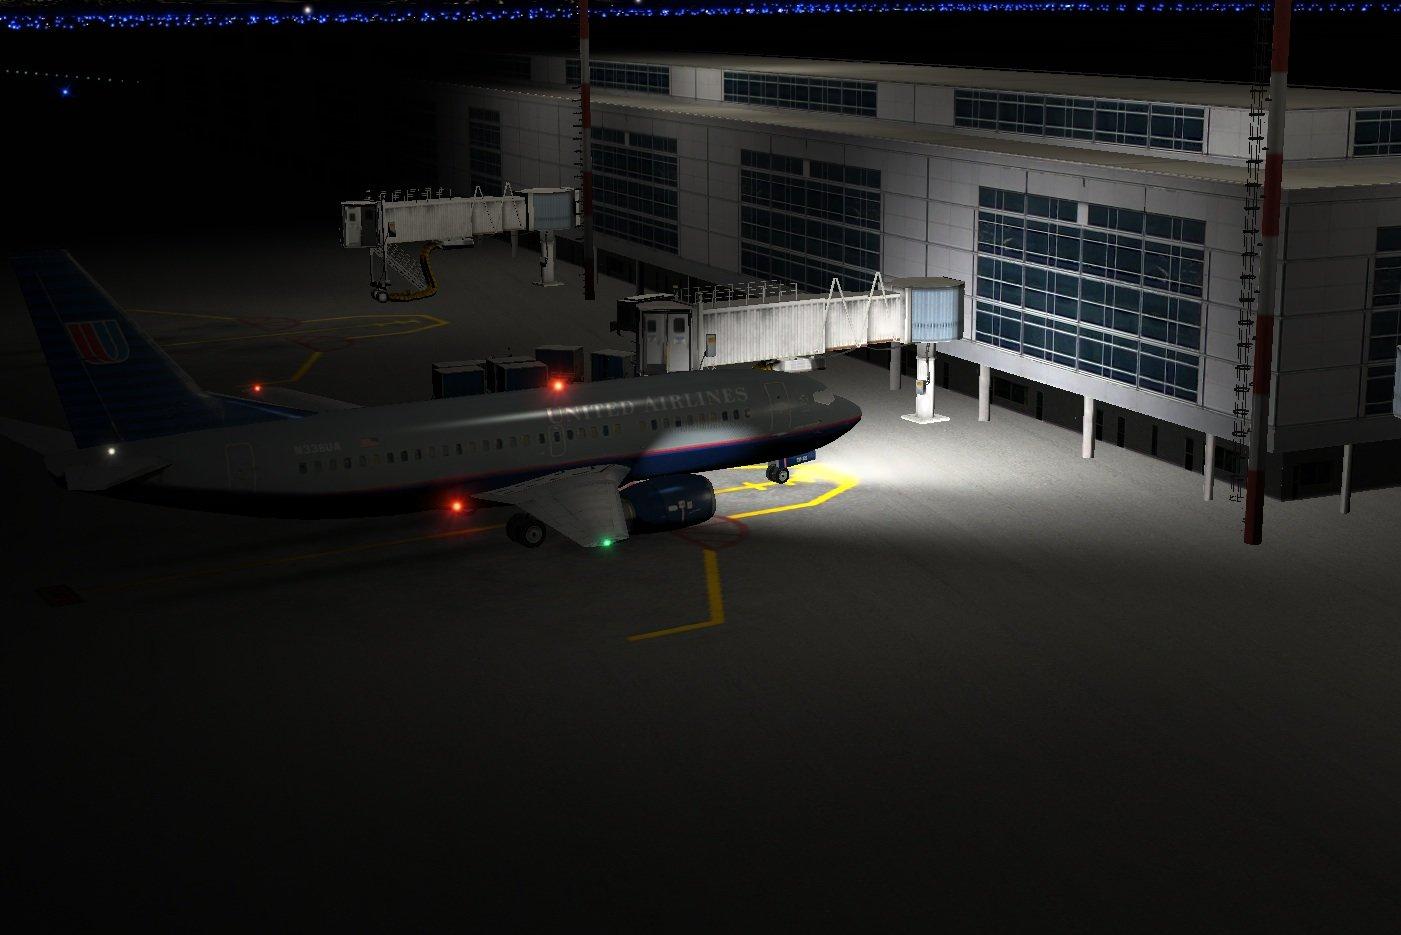 airport_night.jpg